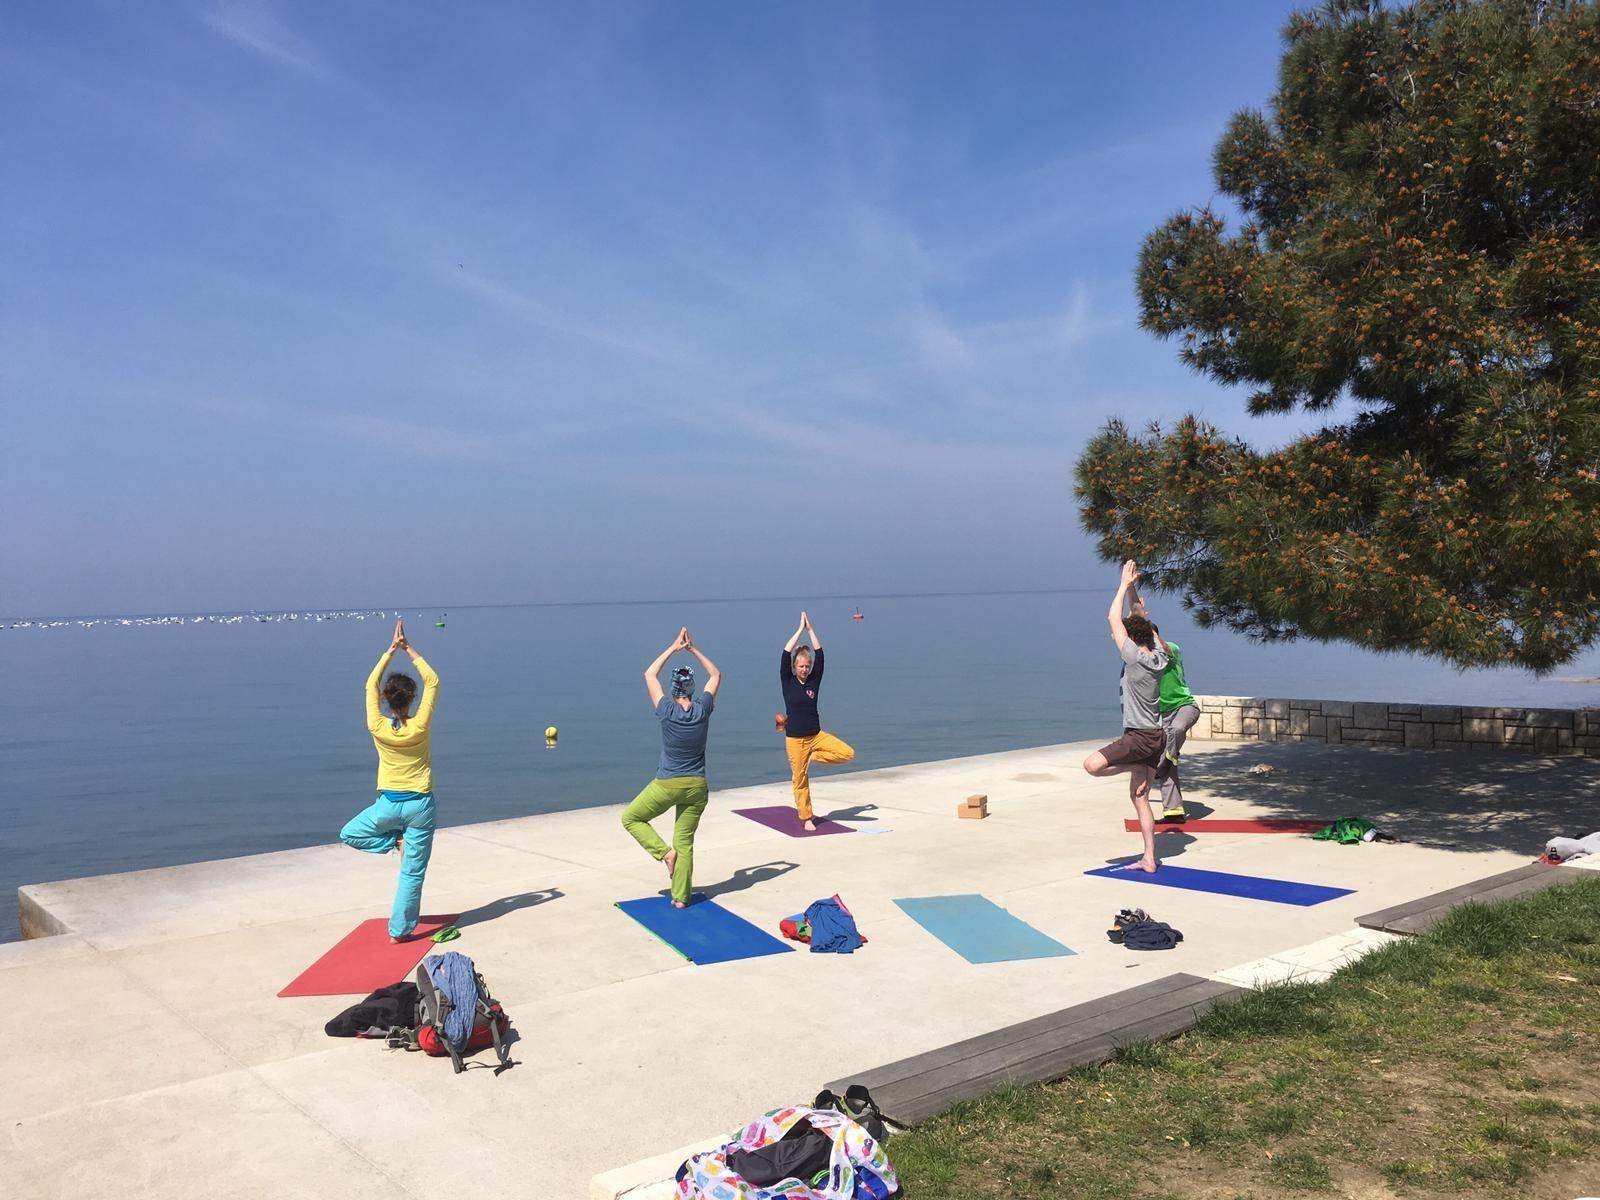 Die Kletterschule: Klettern und Yoga am Meer